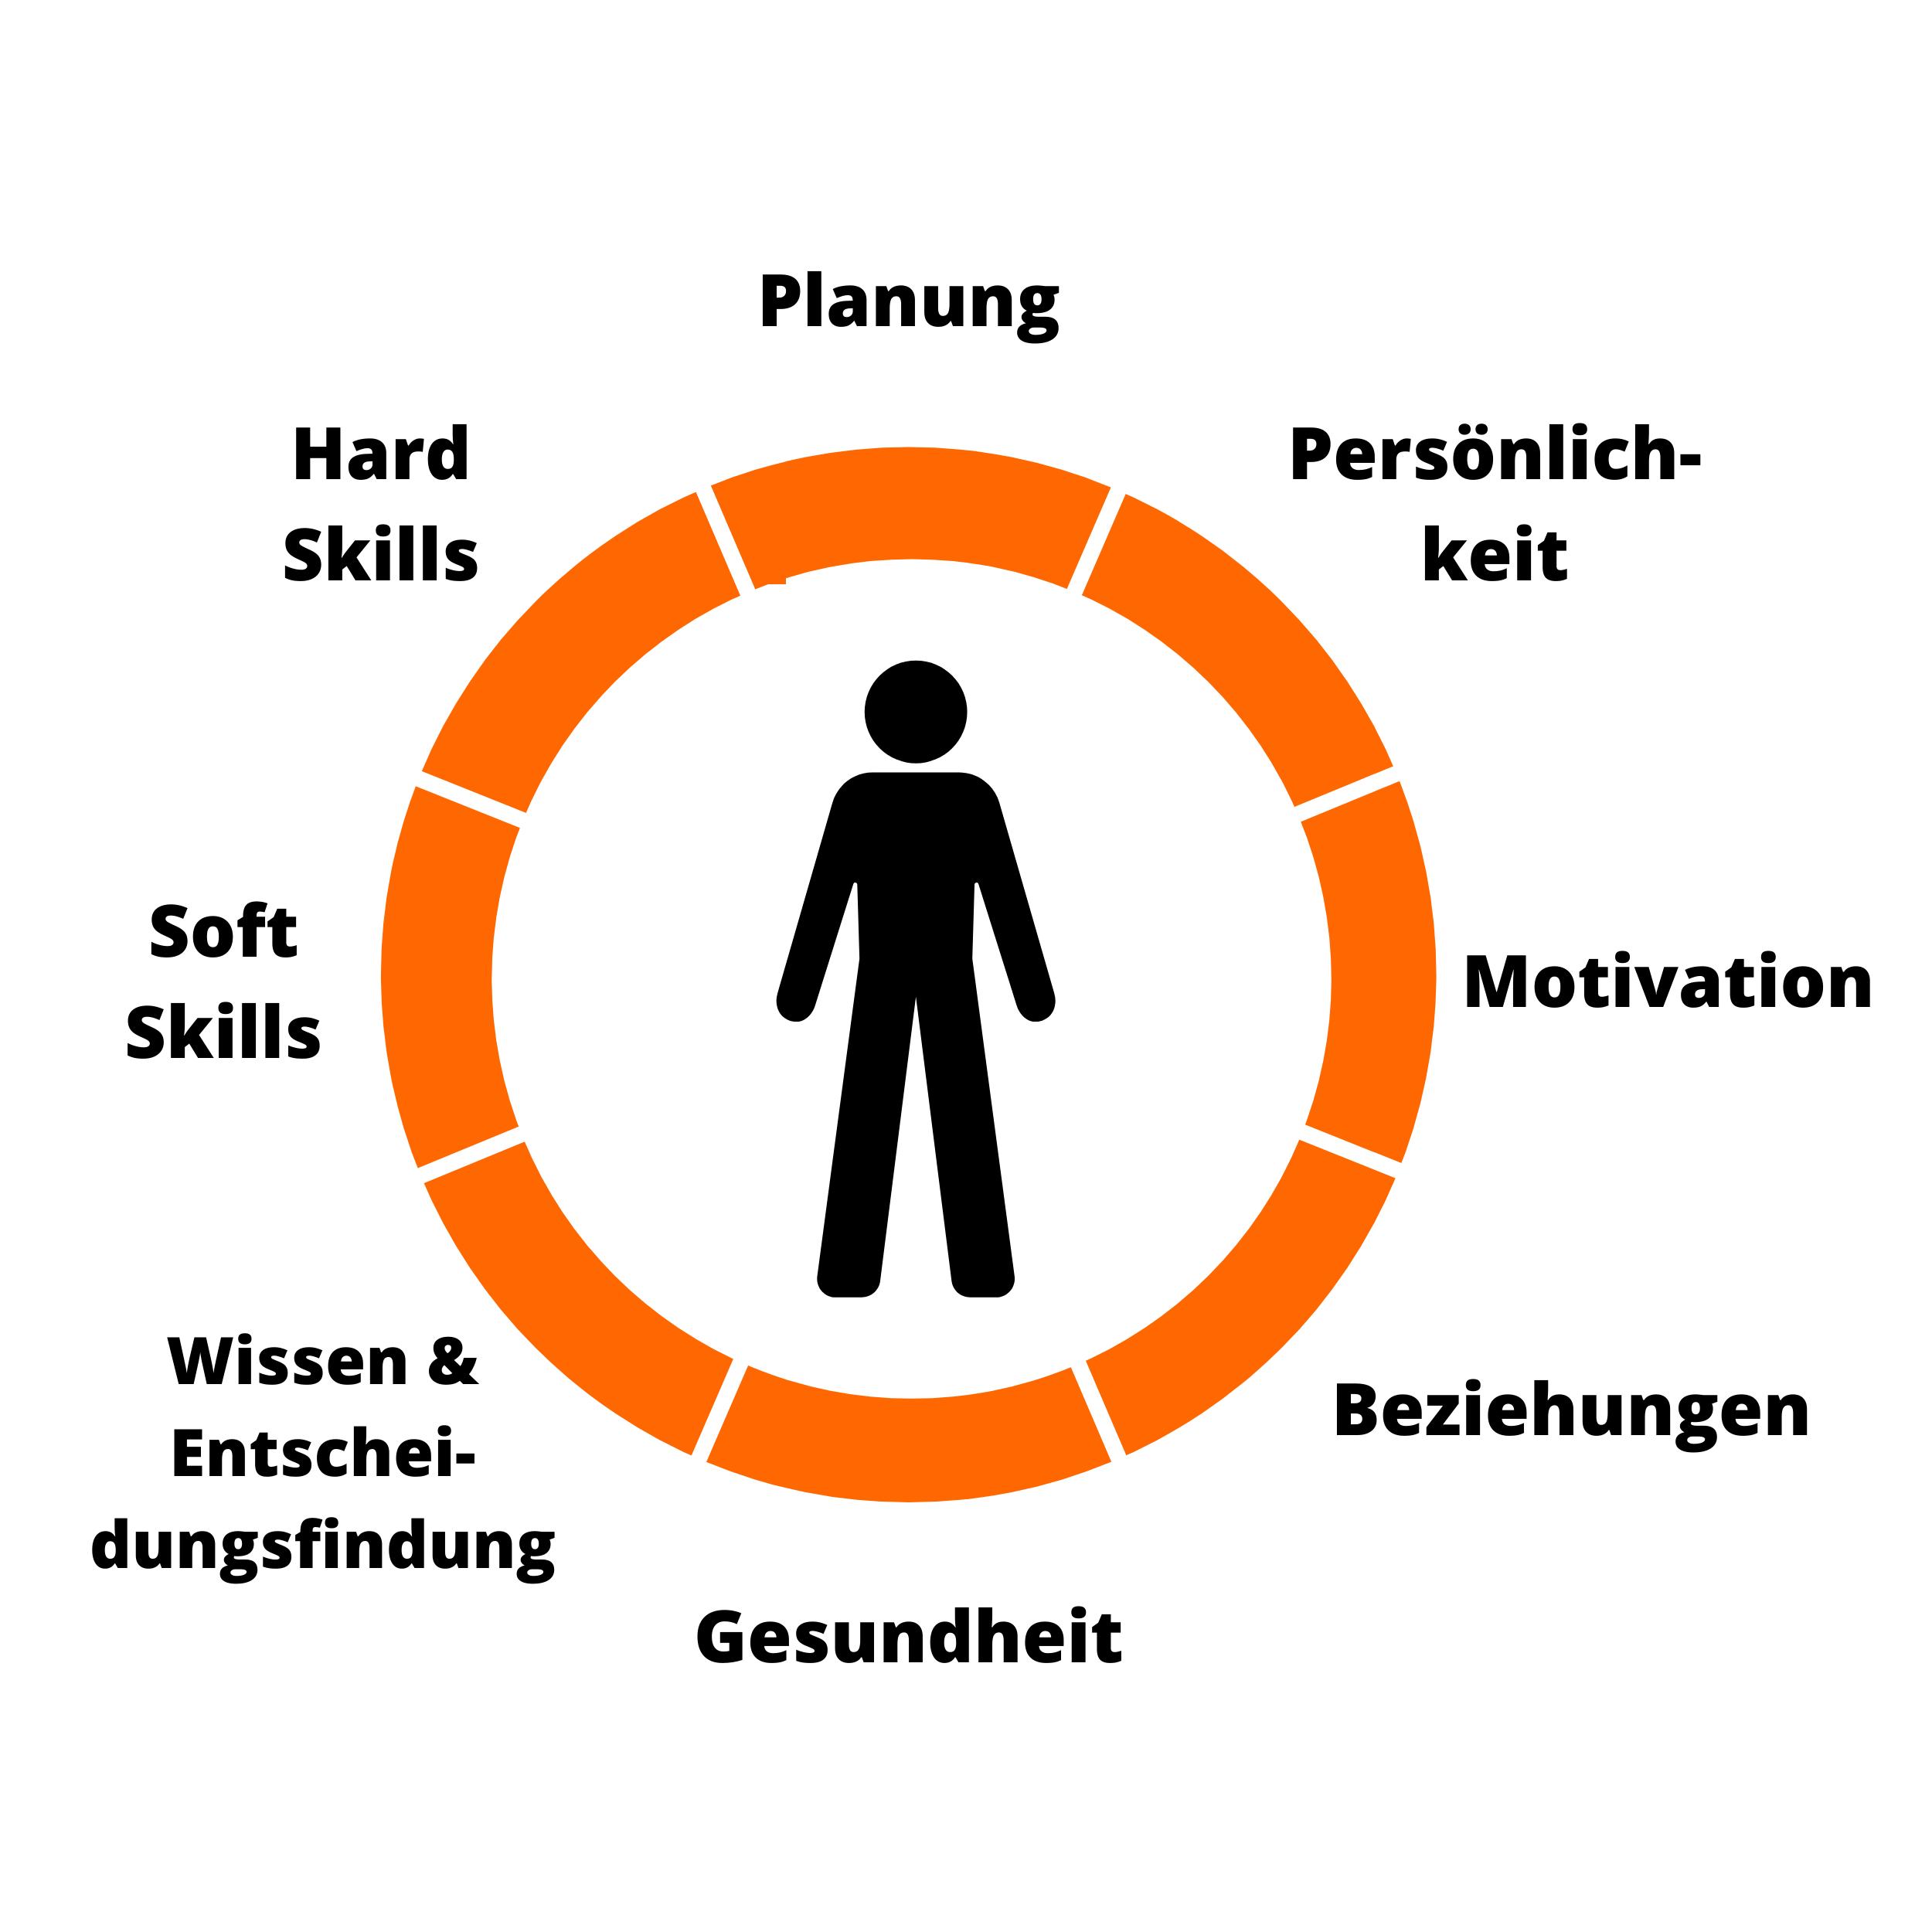 Abbildung: die 8 Bereiche des MMND Young Professionals Profil